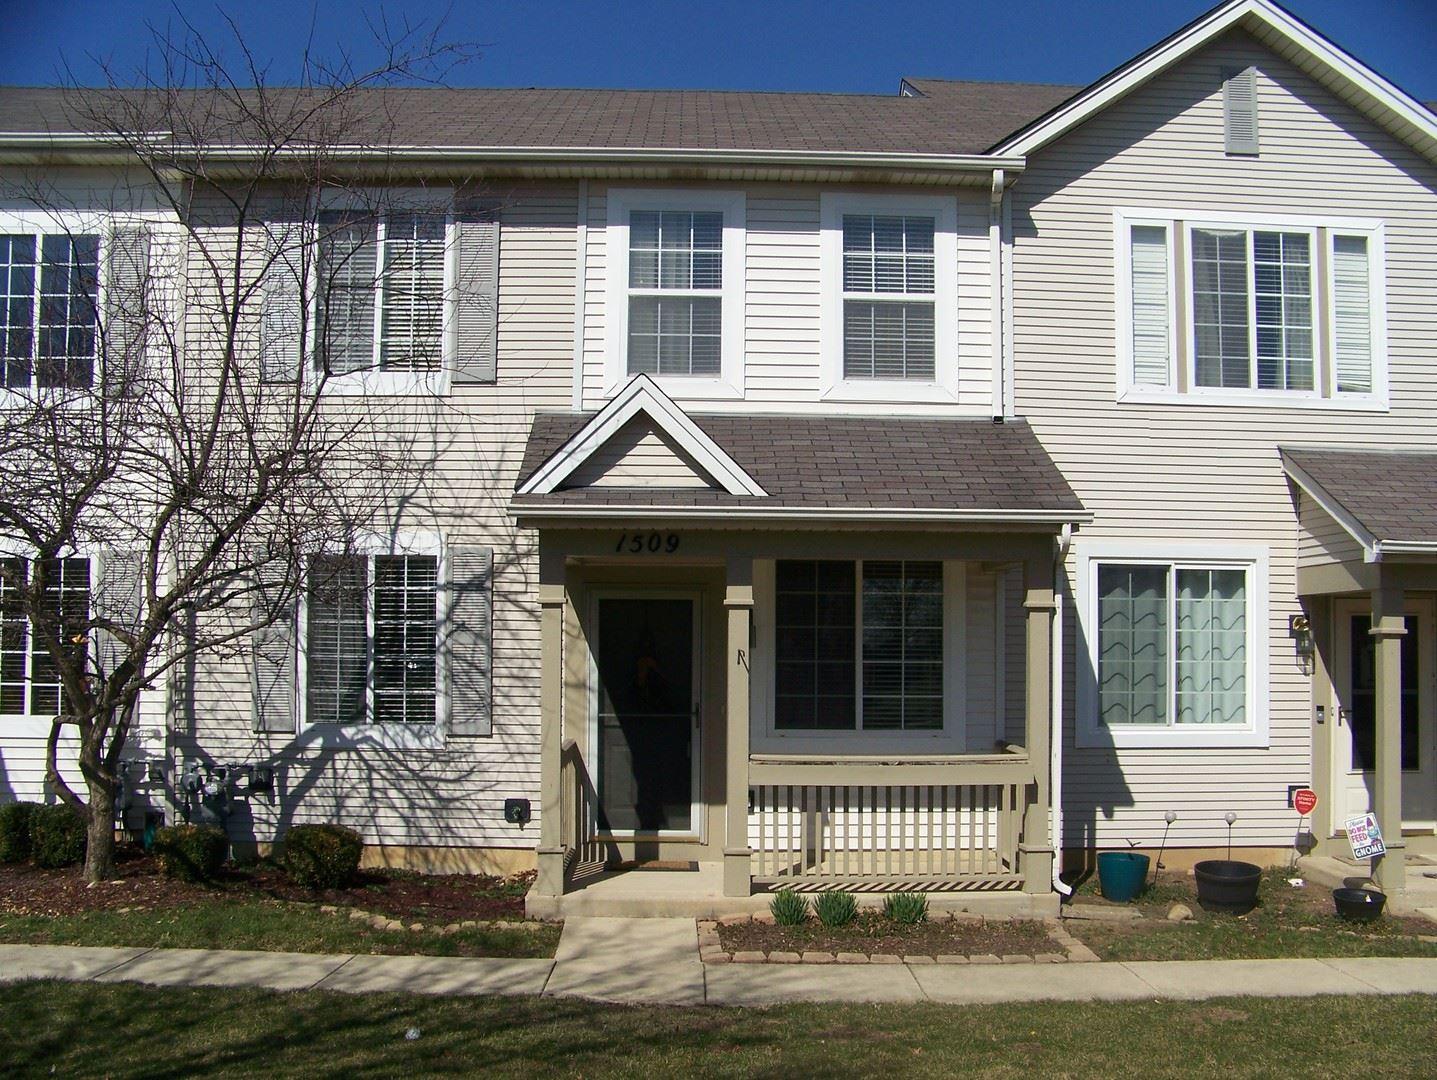 Photo of 1509 AZALEA Circle, Romeoville, IL 60446 (MLS # 11029118)